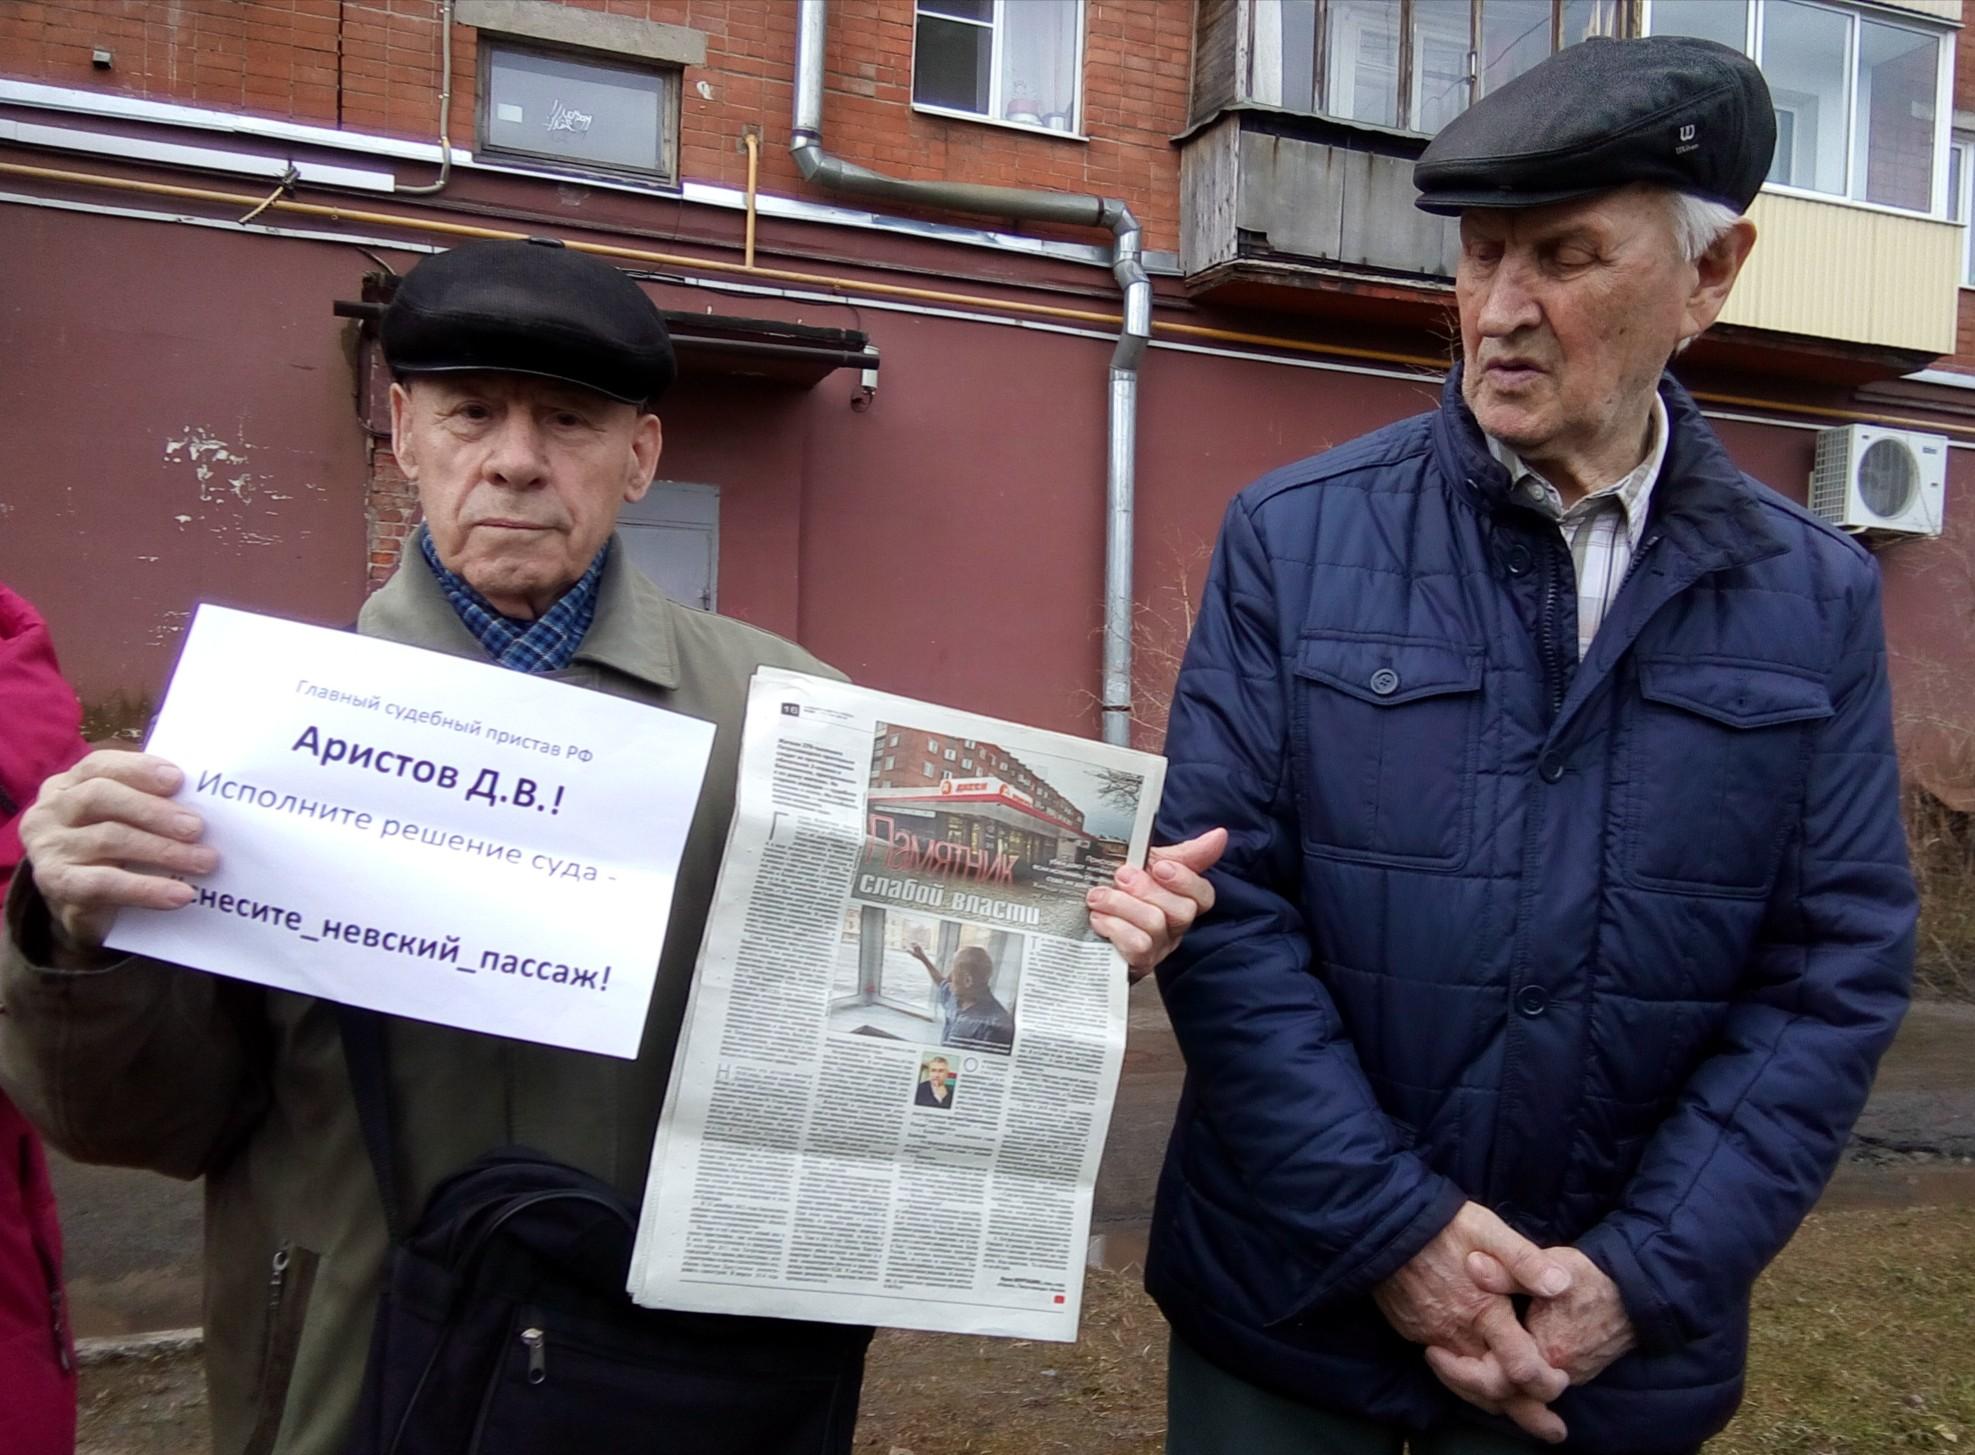 Ветераны Великой Отечественной войны Николай Бакинов и Владимир Дмецов. Фото: Валерий Поташов